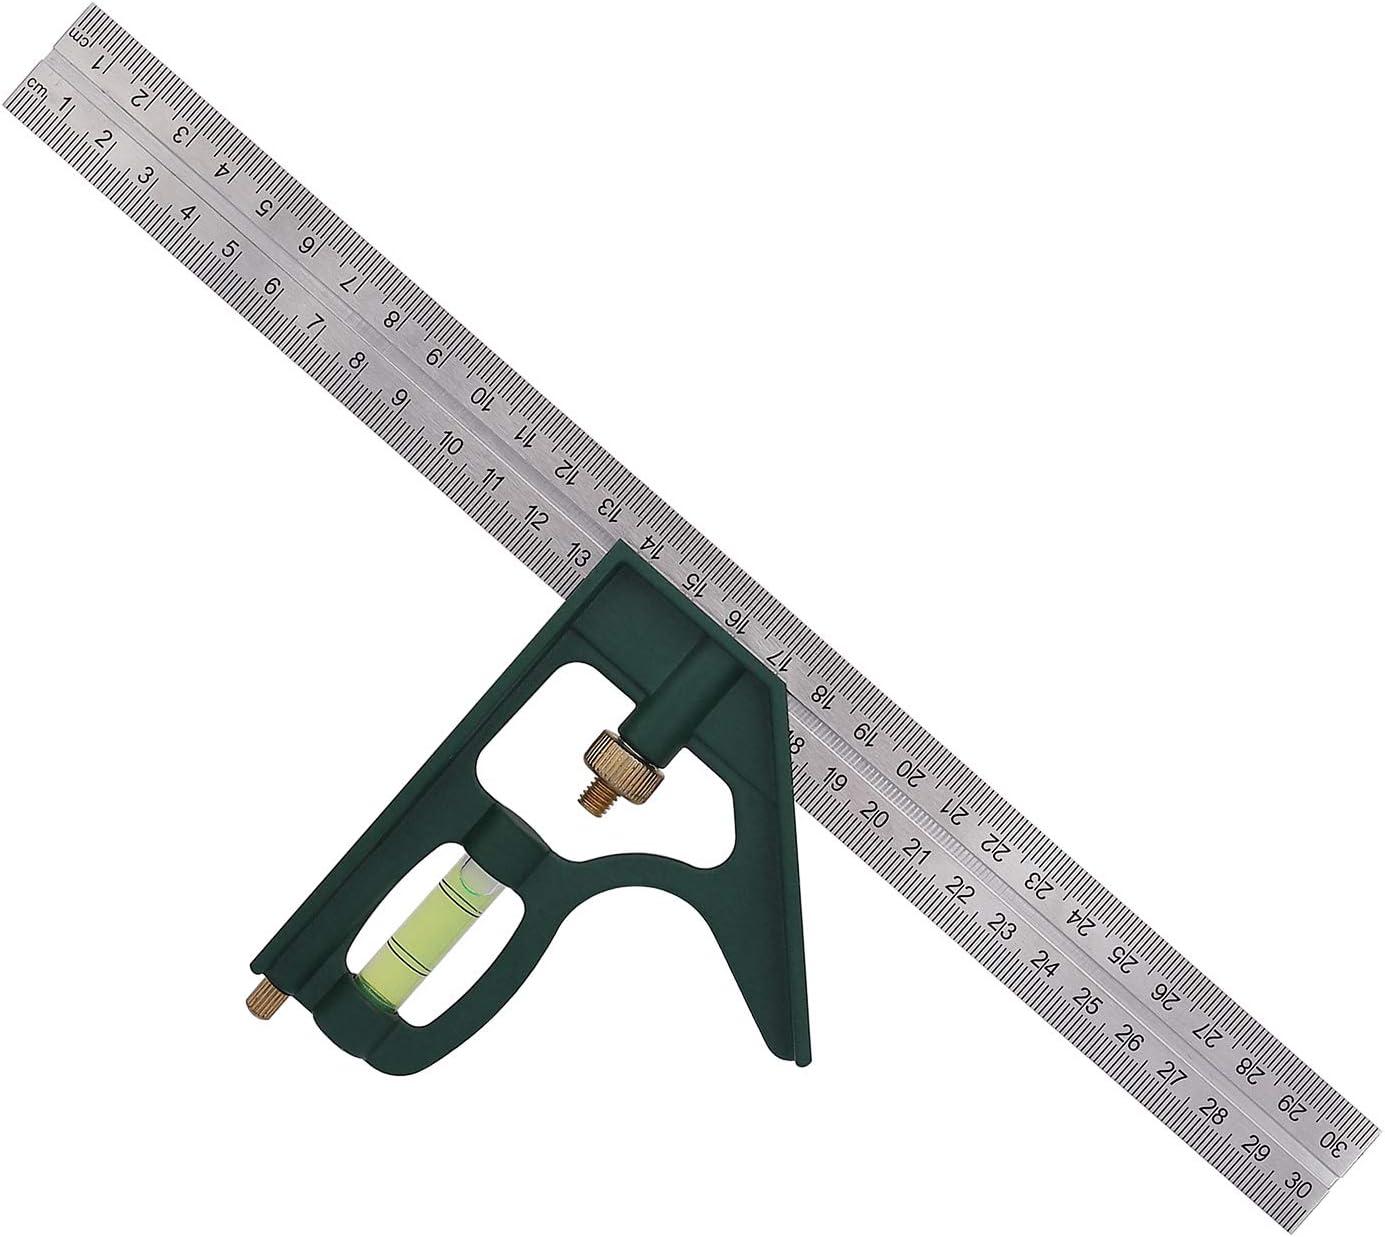 Escuadra Combinada Ajustable Regla de /ángulo Cuadrado de Combinaci/ón Multifuncional de 45//90 Grados con Nivel de Burbuja para Herramientas de Carpintero 300 mm//12 Pulgadas